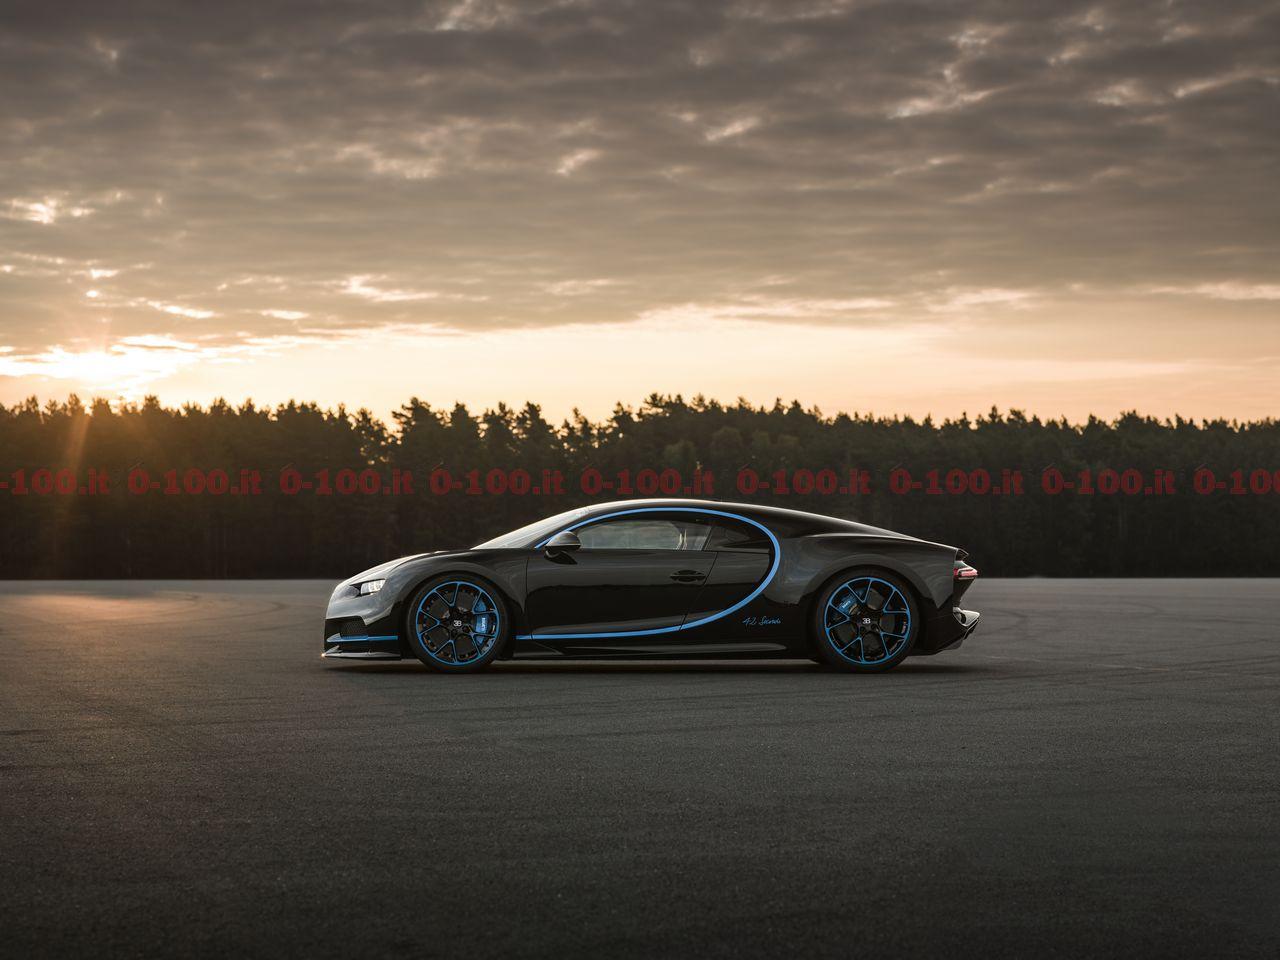 bugatti-chiron-record-0-400-0_0-100_10